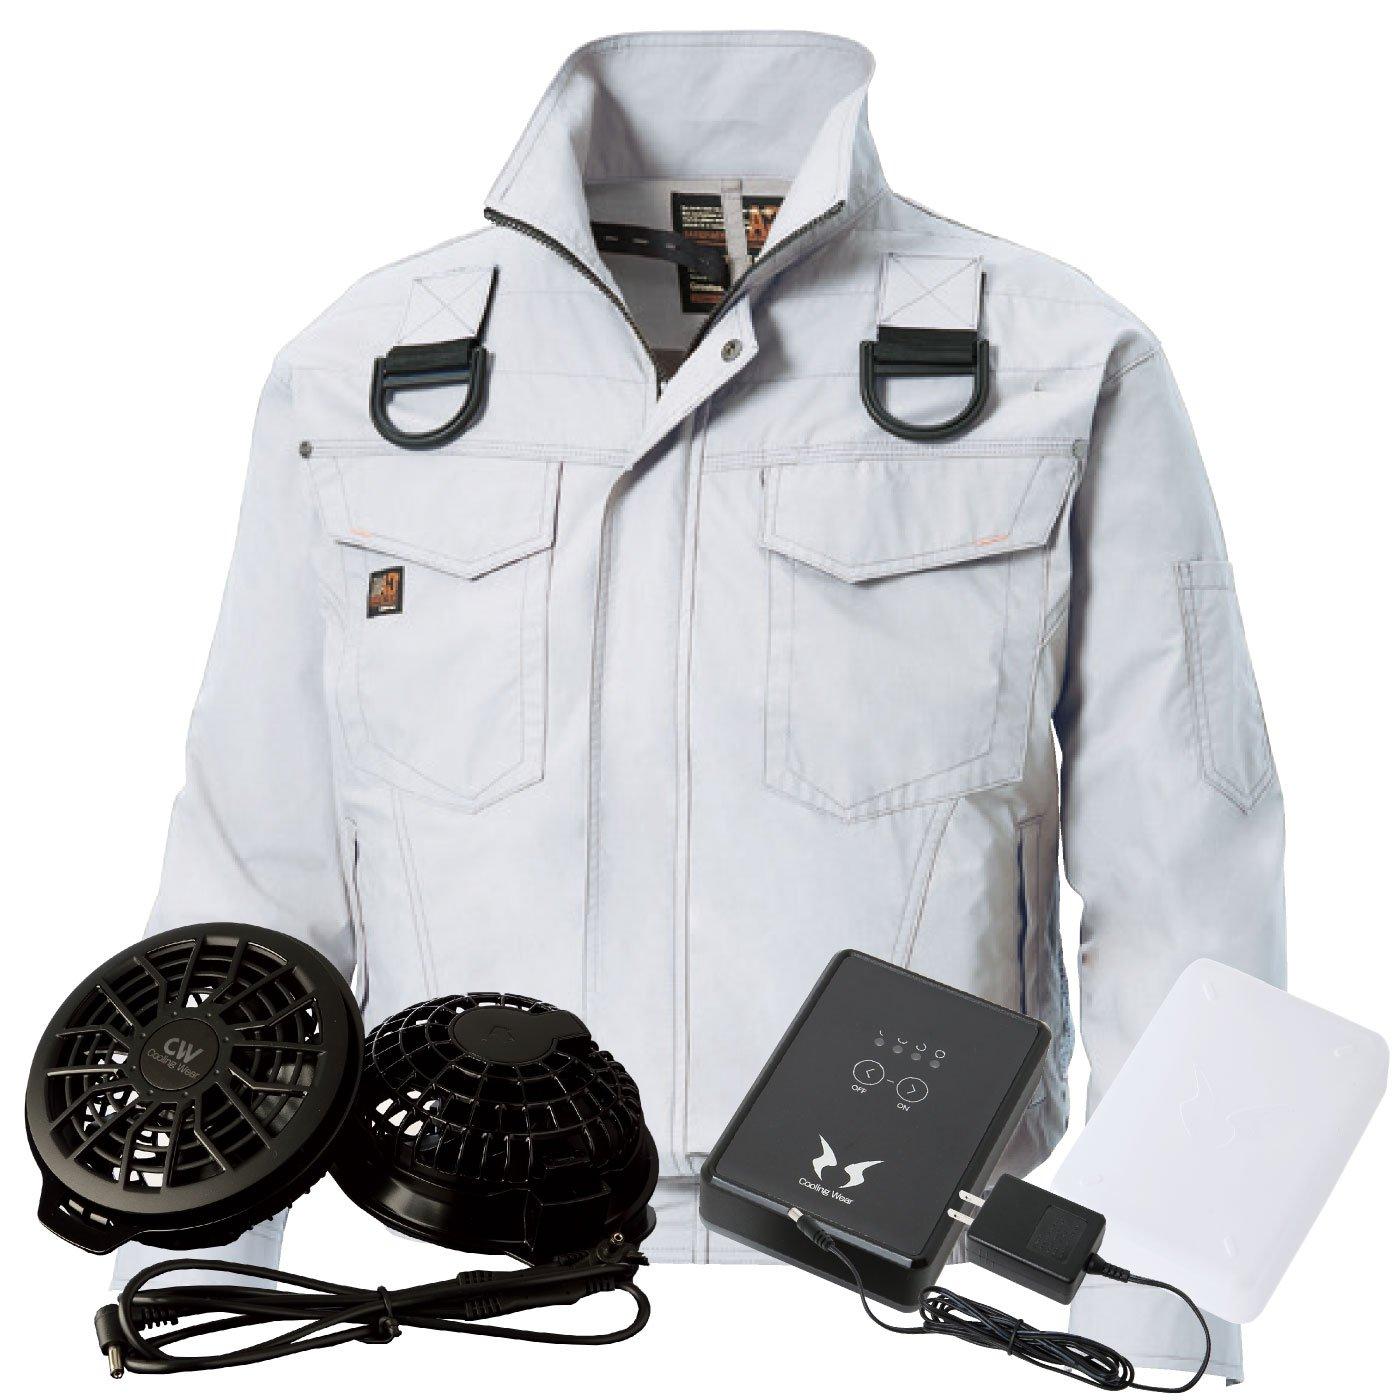 空調服 フルハーネス安全帯着用 【空調服+ファン+日本製リチウムイオンバッテリーセット】ss-ku91400f-l B01FRQY610 5L|シルバー シルバー 5L